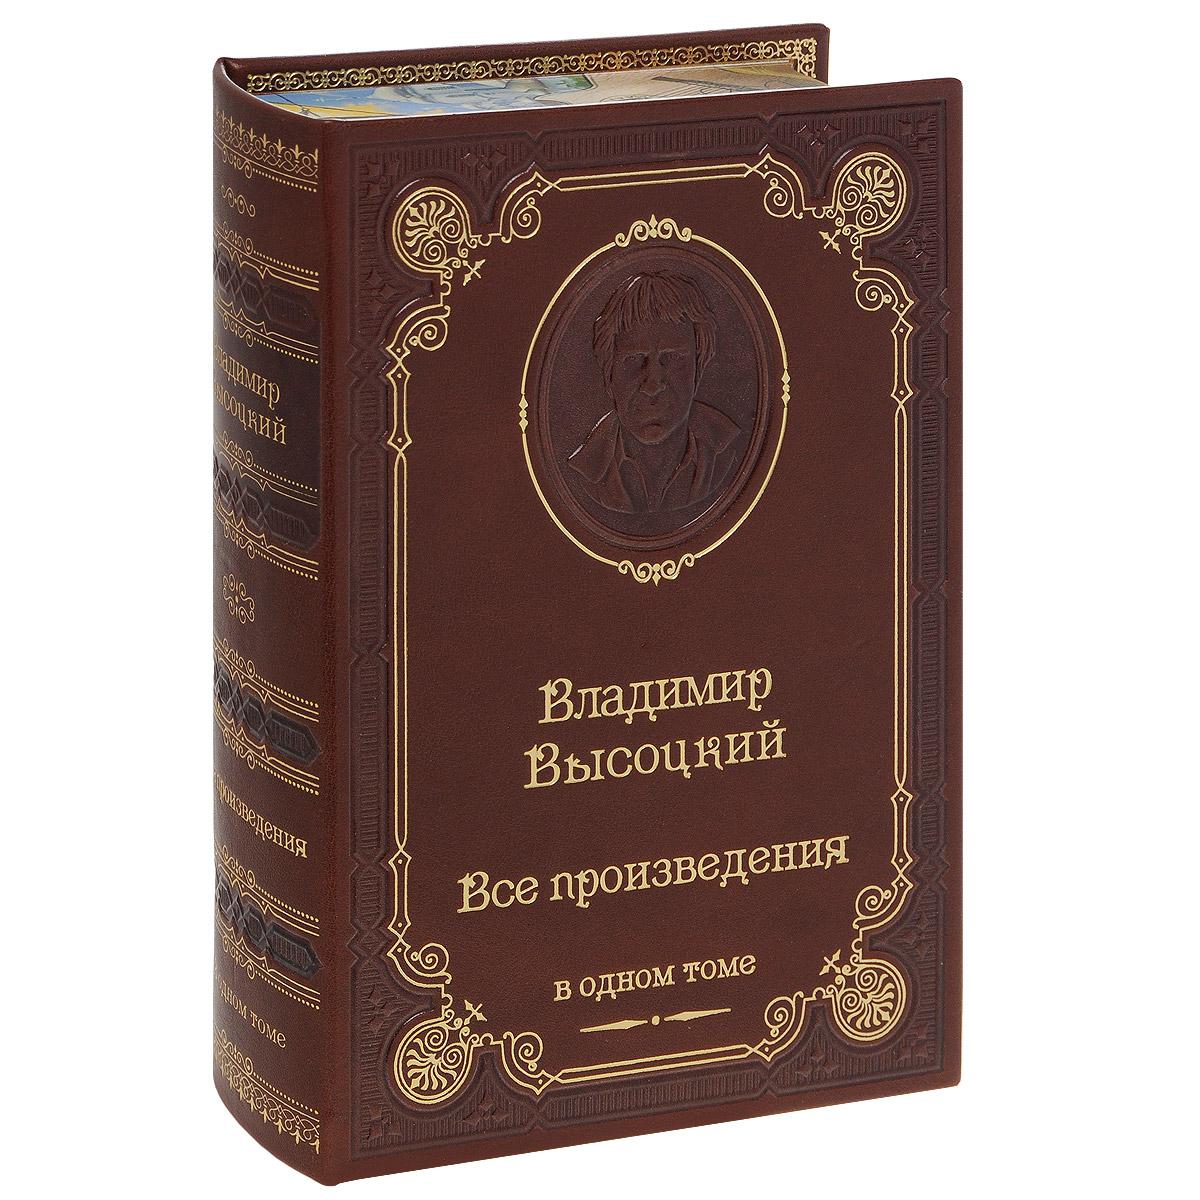 Владимир Высоцкий Владимир Высоцкий. Все произведения (подарочное издание)